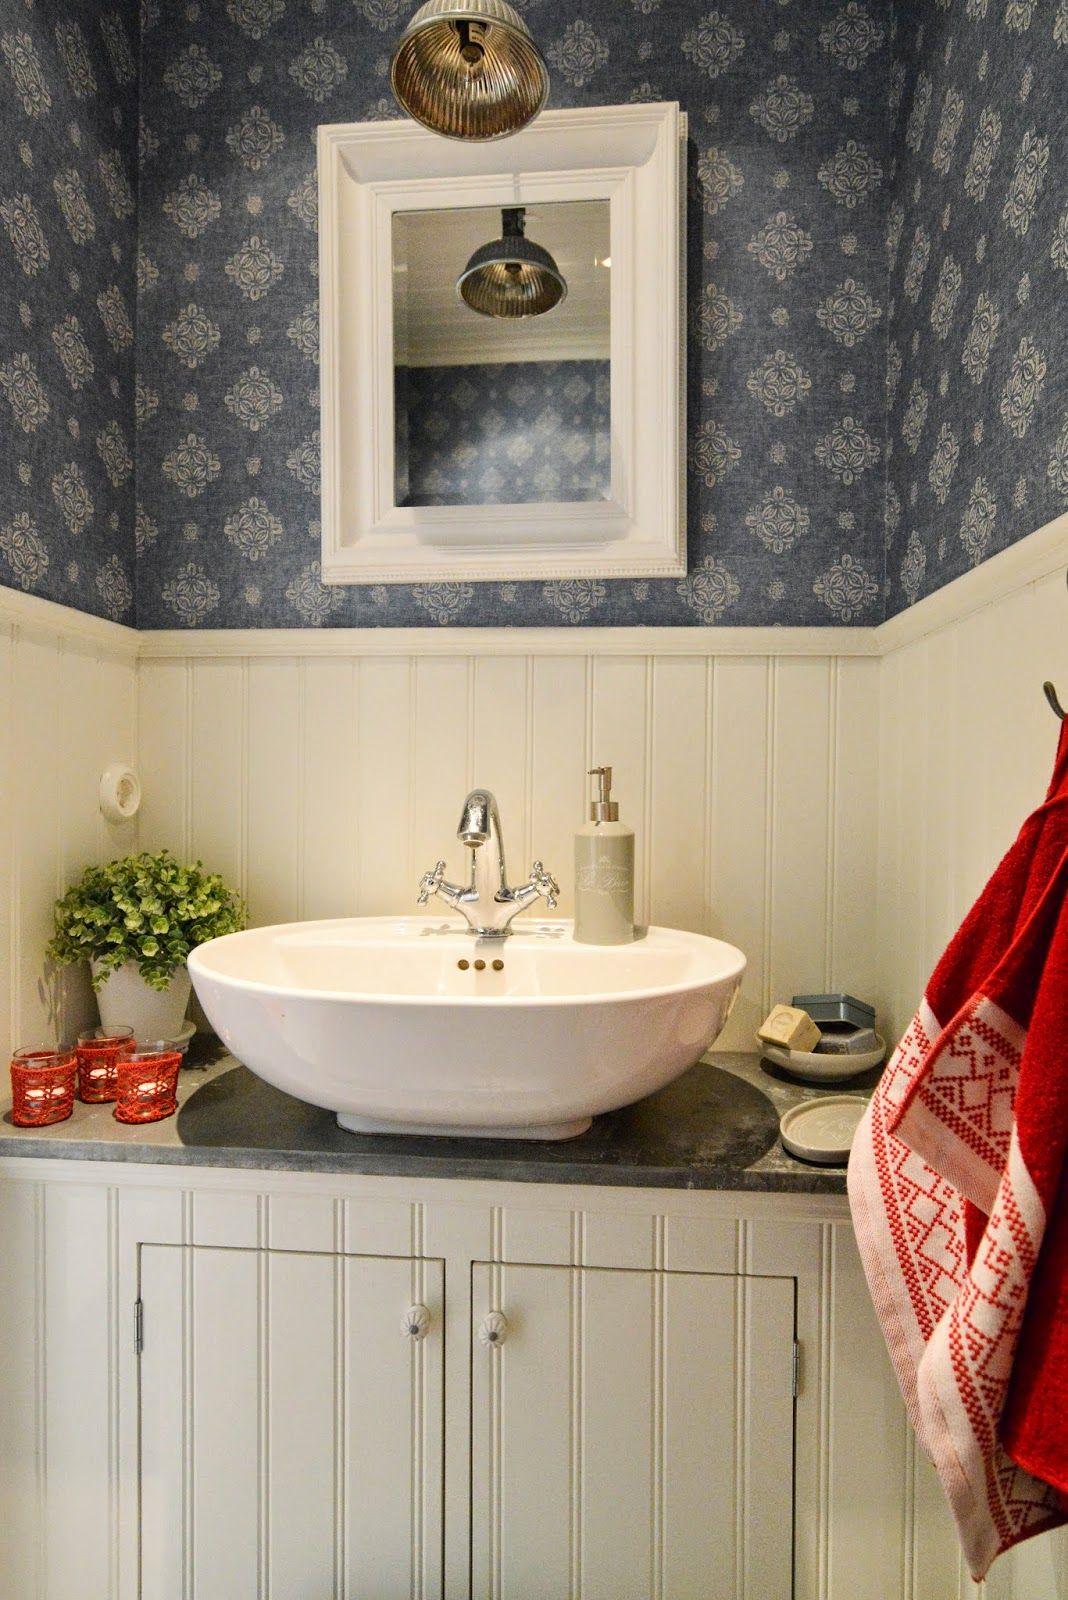 add design anna stenberg lantligt på svanängen Renovering och inredningsinspiration efter